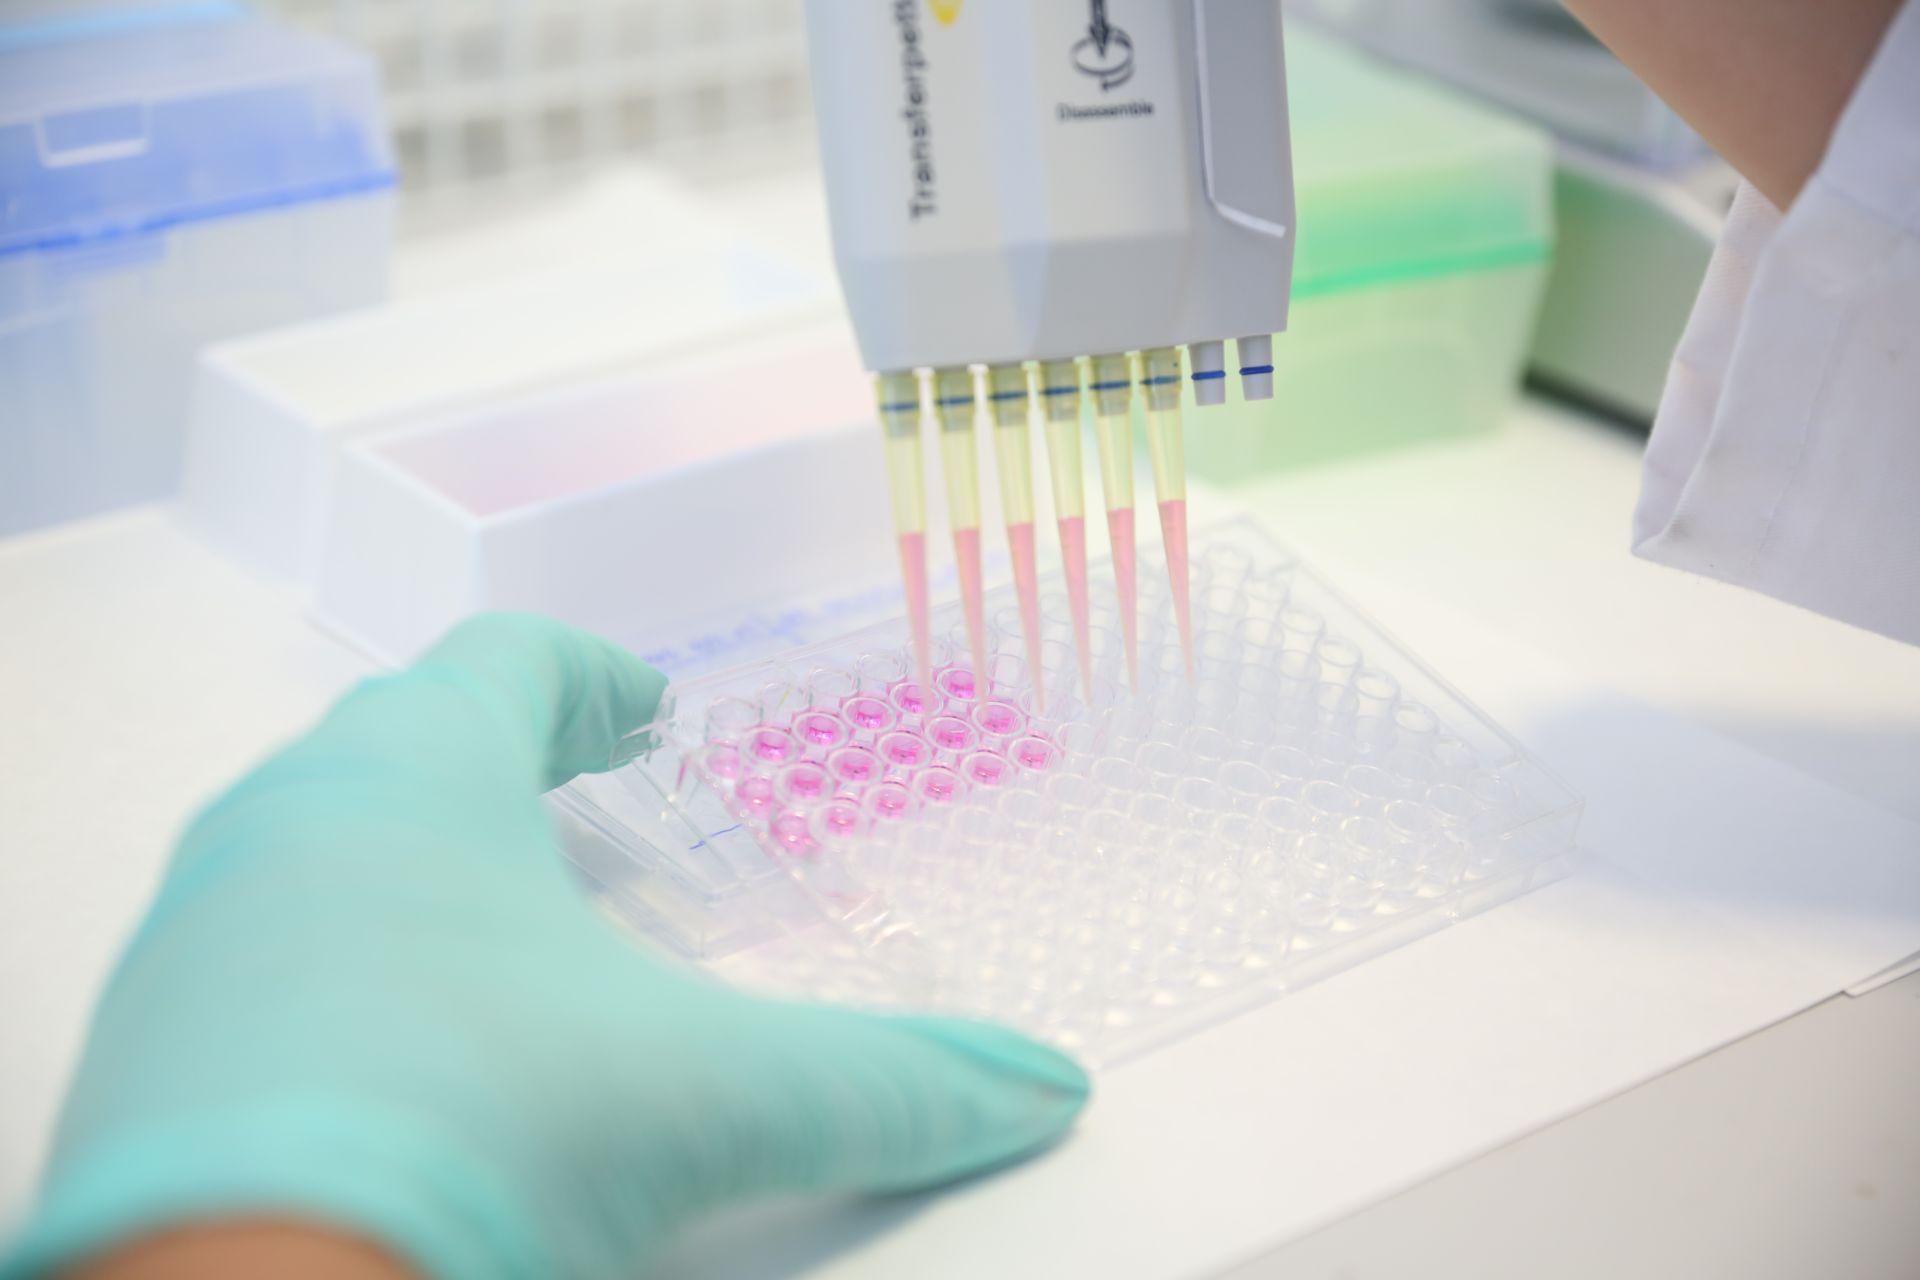 Próbki do badania krwi